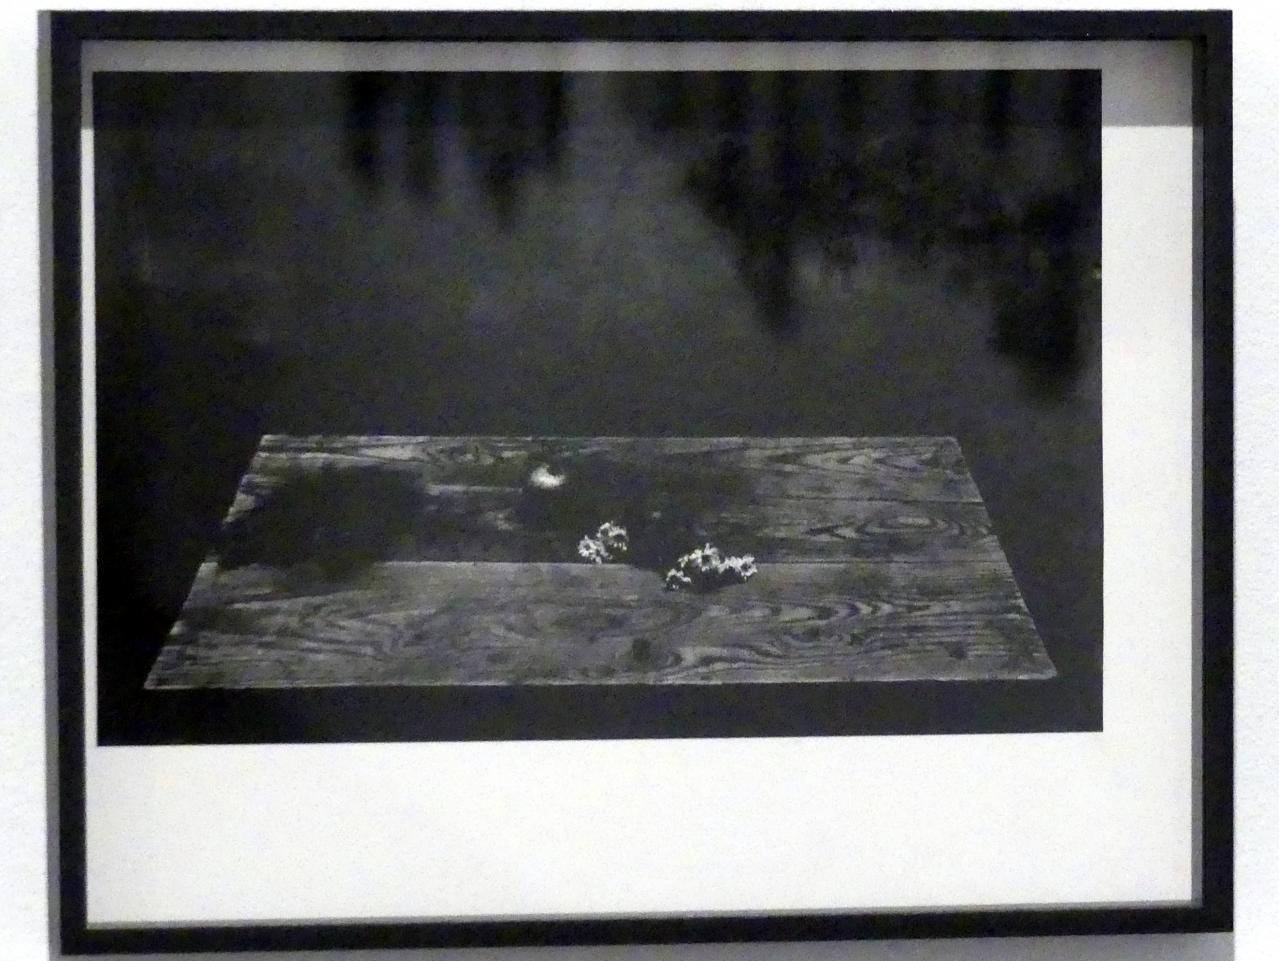 Francisco Gómez: Stillleben mit Granatapfel und Gänseblümchen, 1962